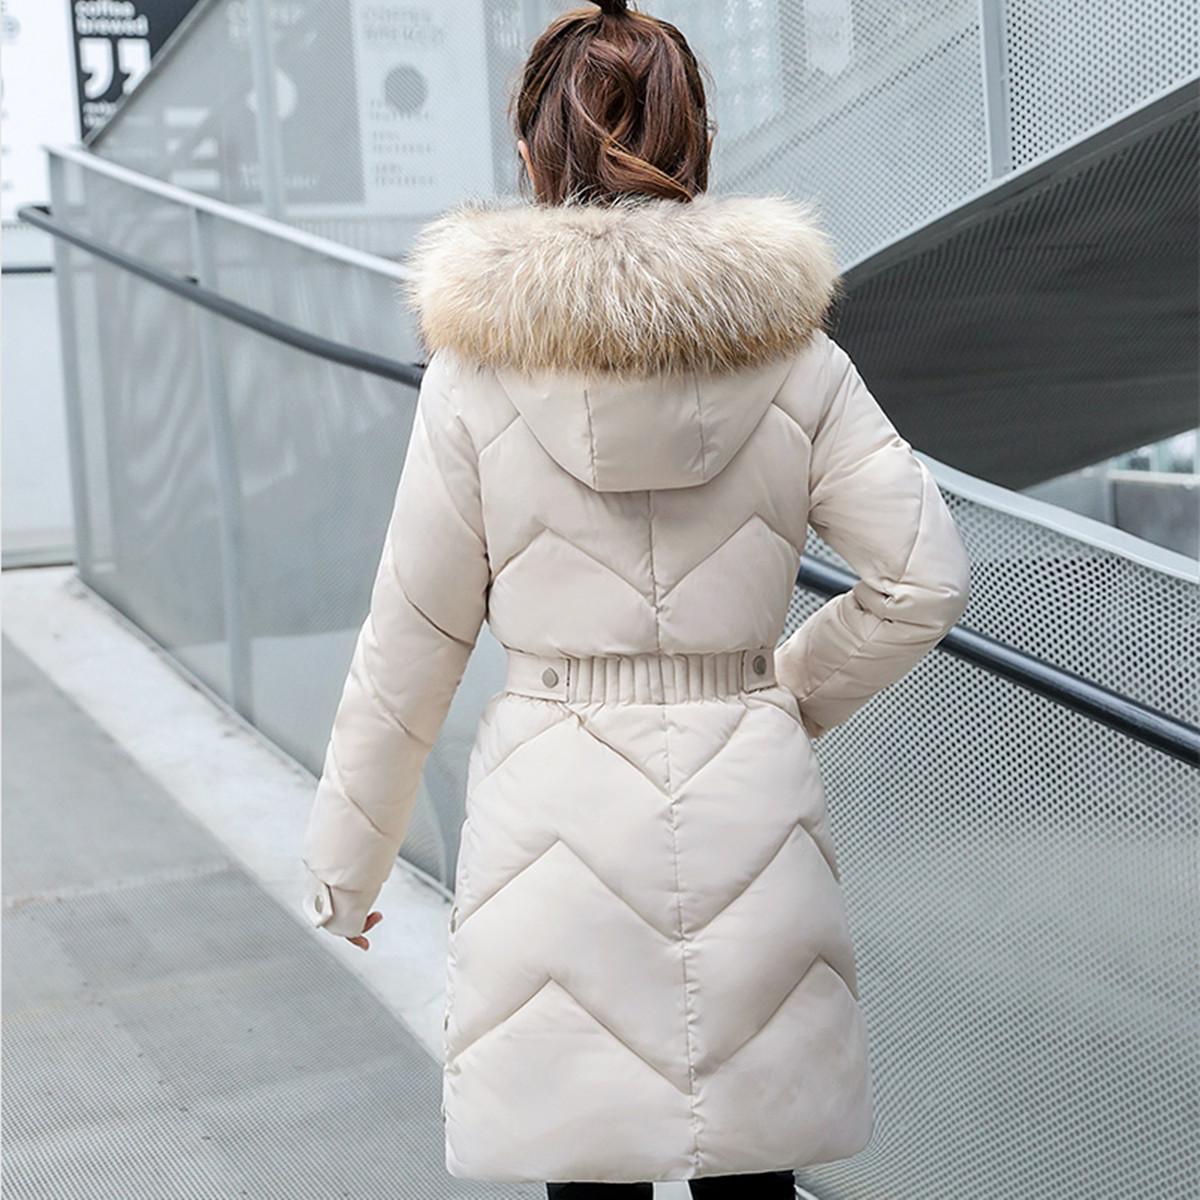 冬新款棉衣女中长款加厚修身羽绒棉服连帽可拆卸毛领学生棉袄外套